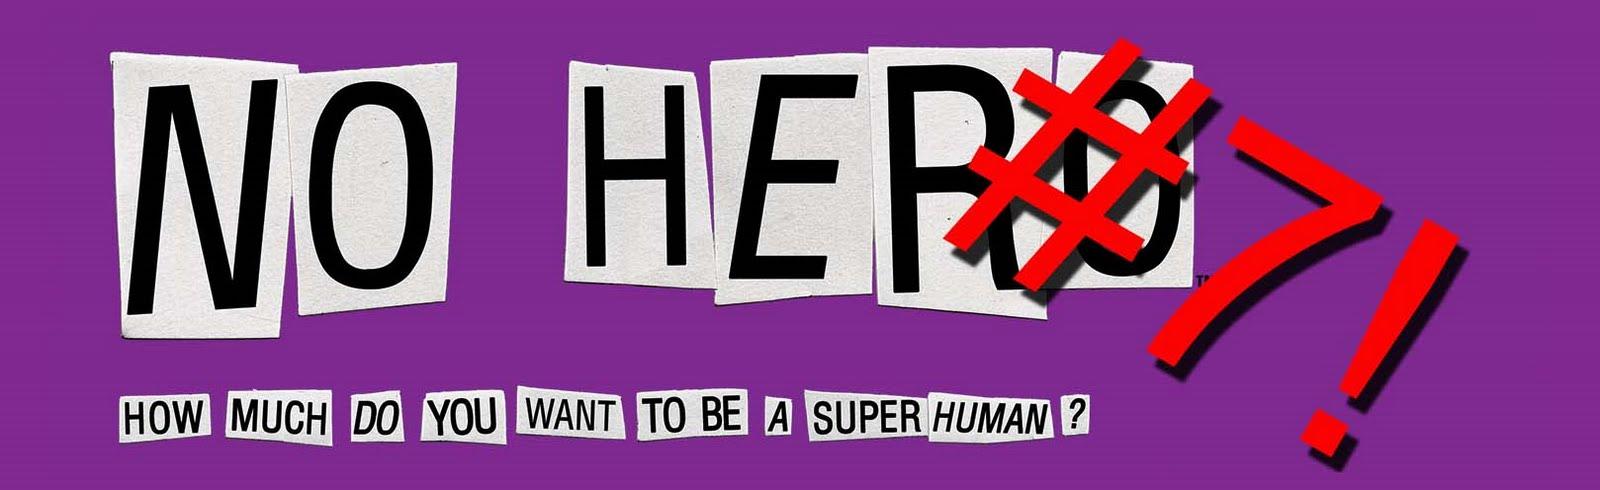 [NO+HERO]